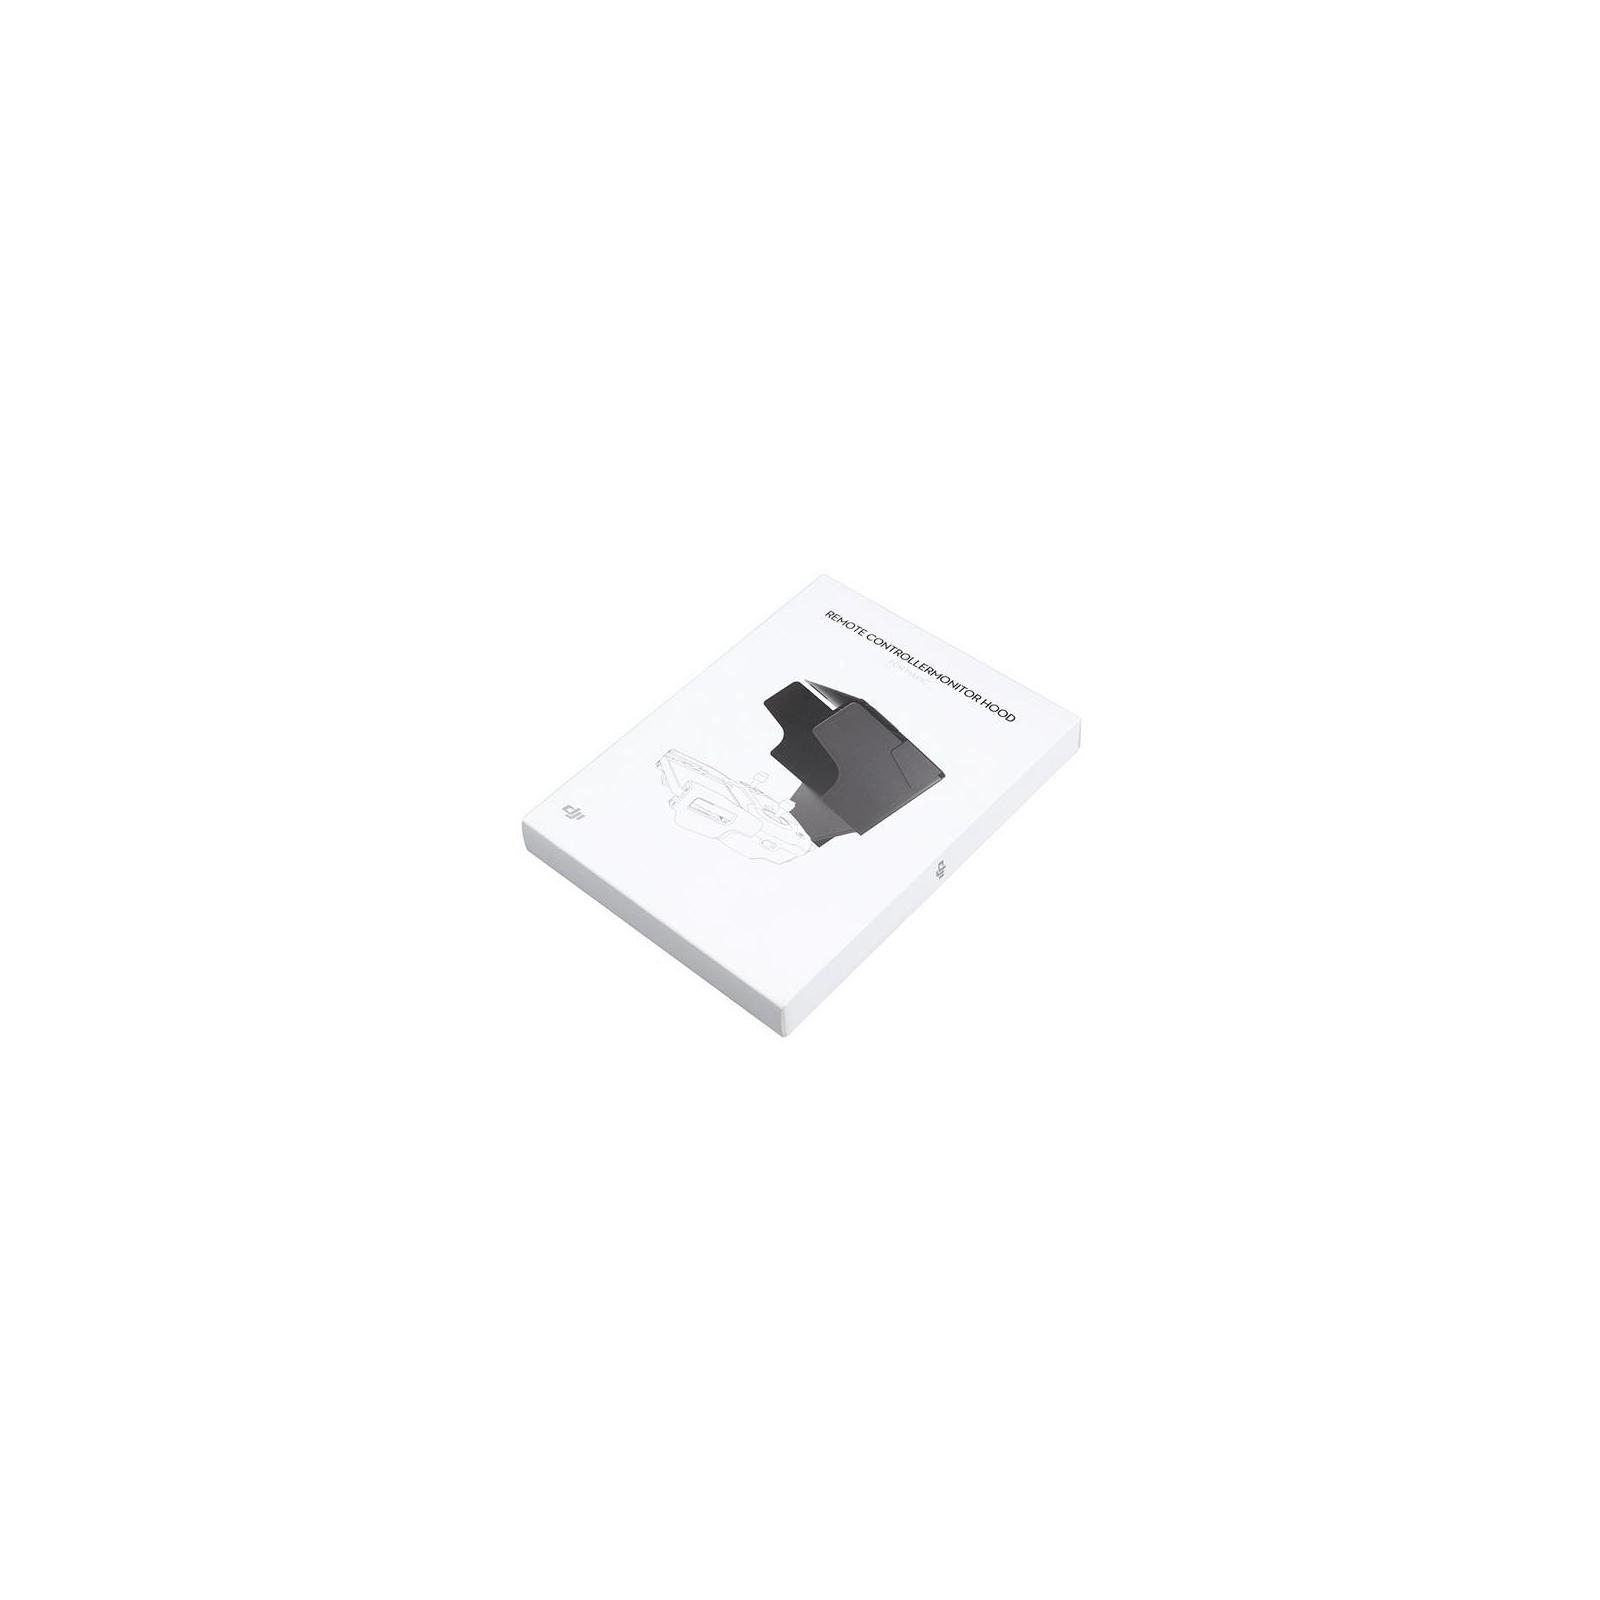 Защита для дрона DJI Mavic Monitor Hood (6958265134722) изображение 6